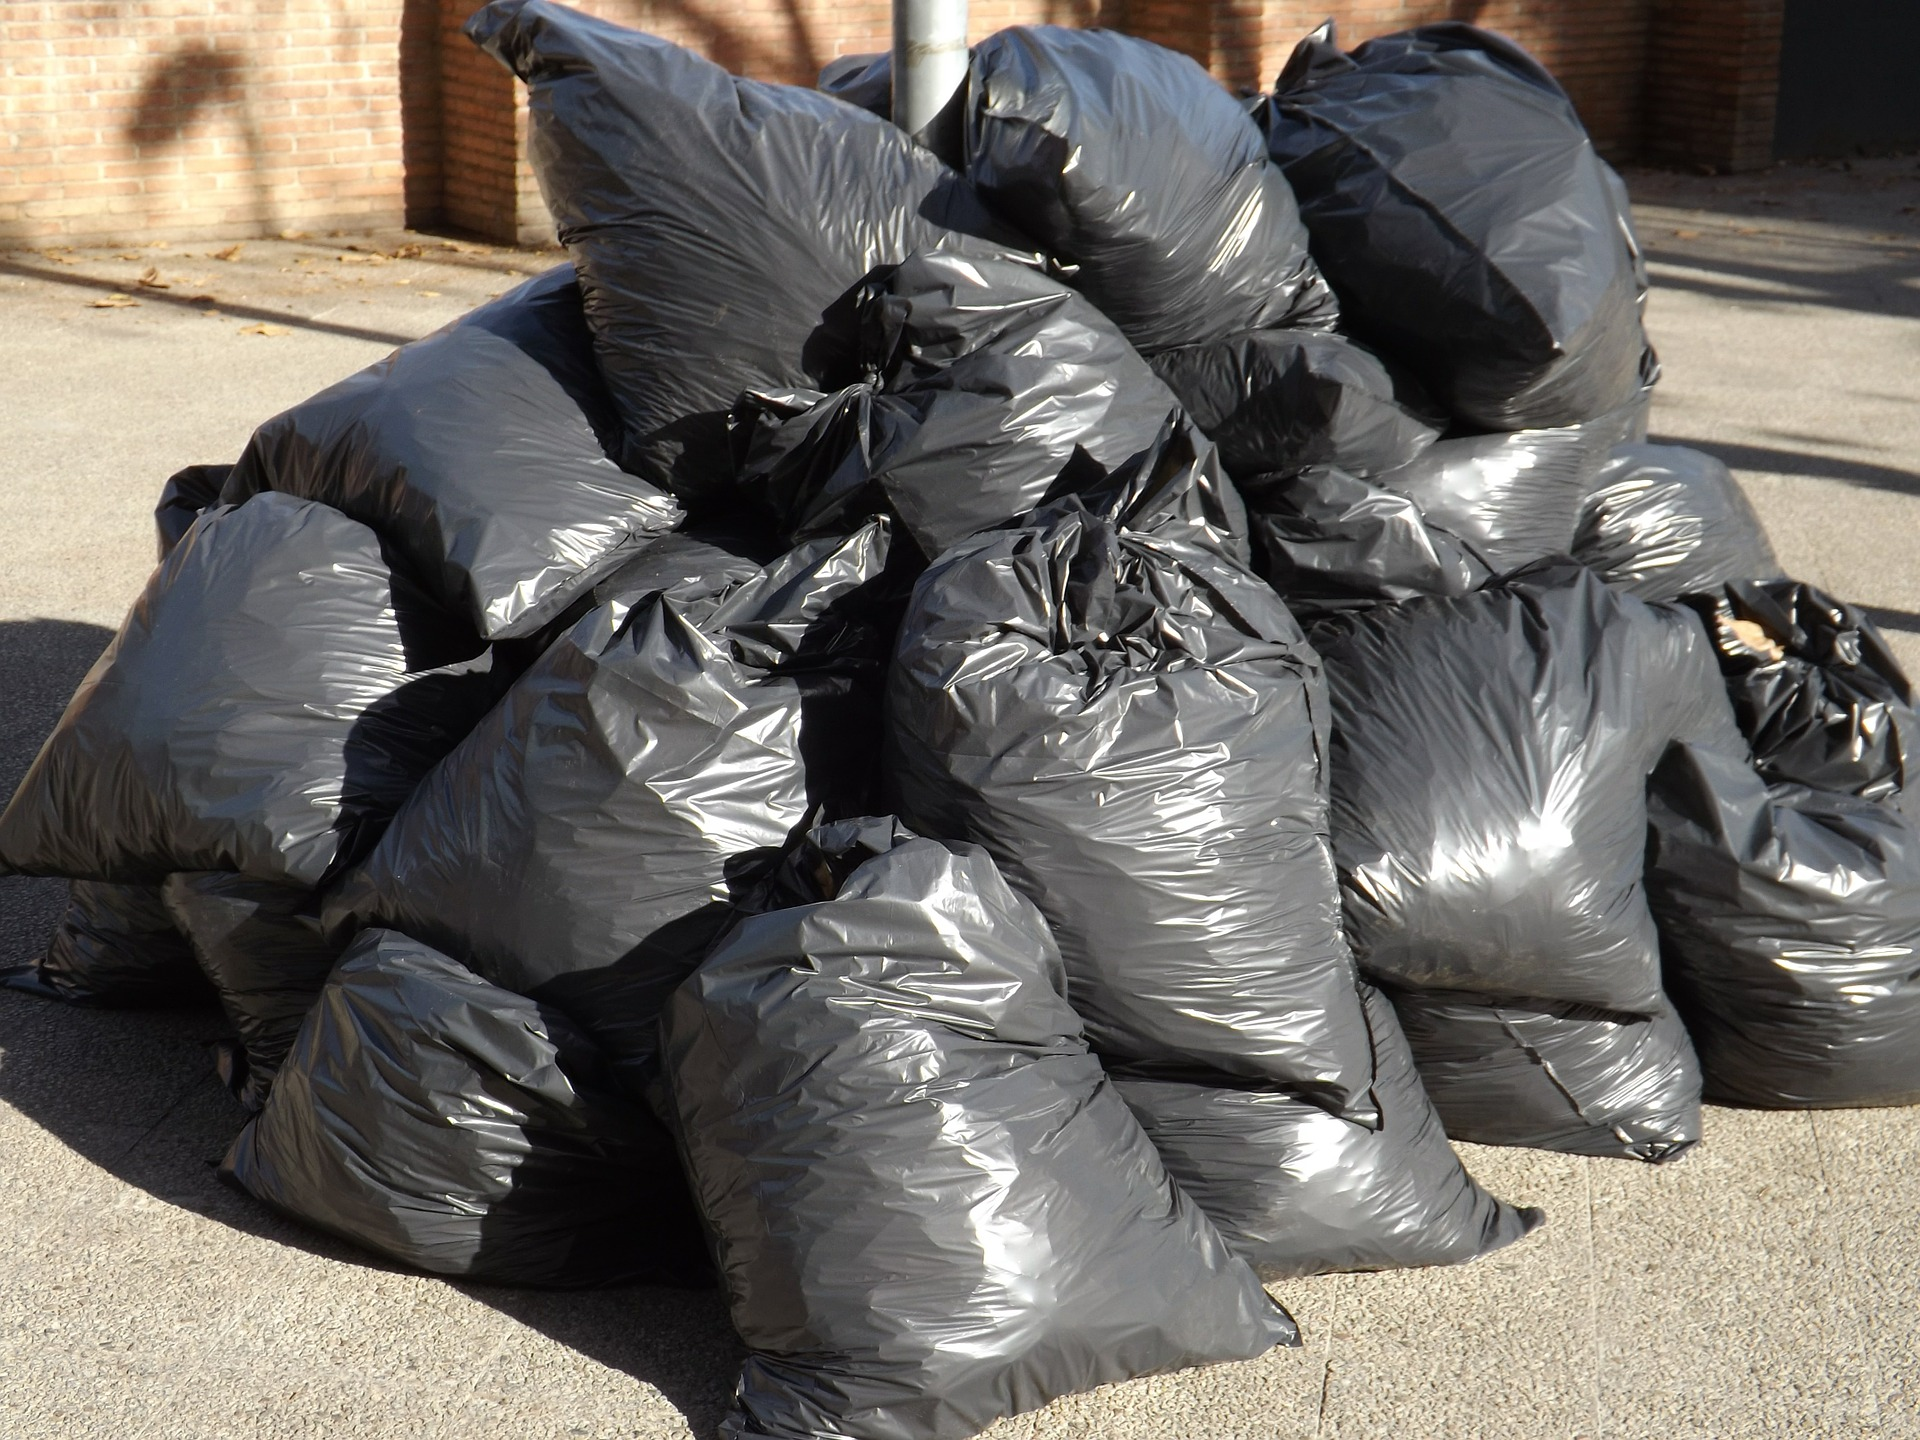 Przetarg na wywóz śmieci unieważniony. Co dalej? - Zdjęcie główne